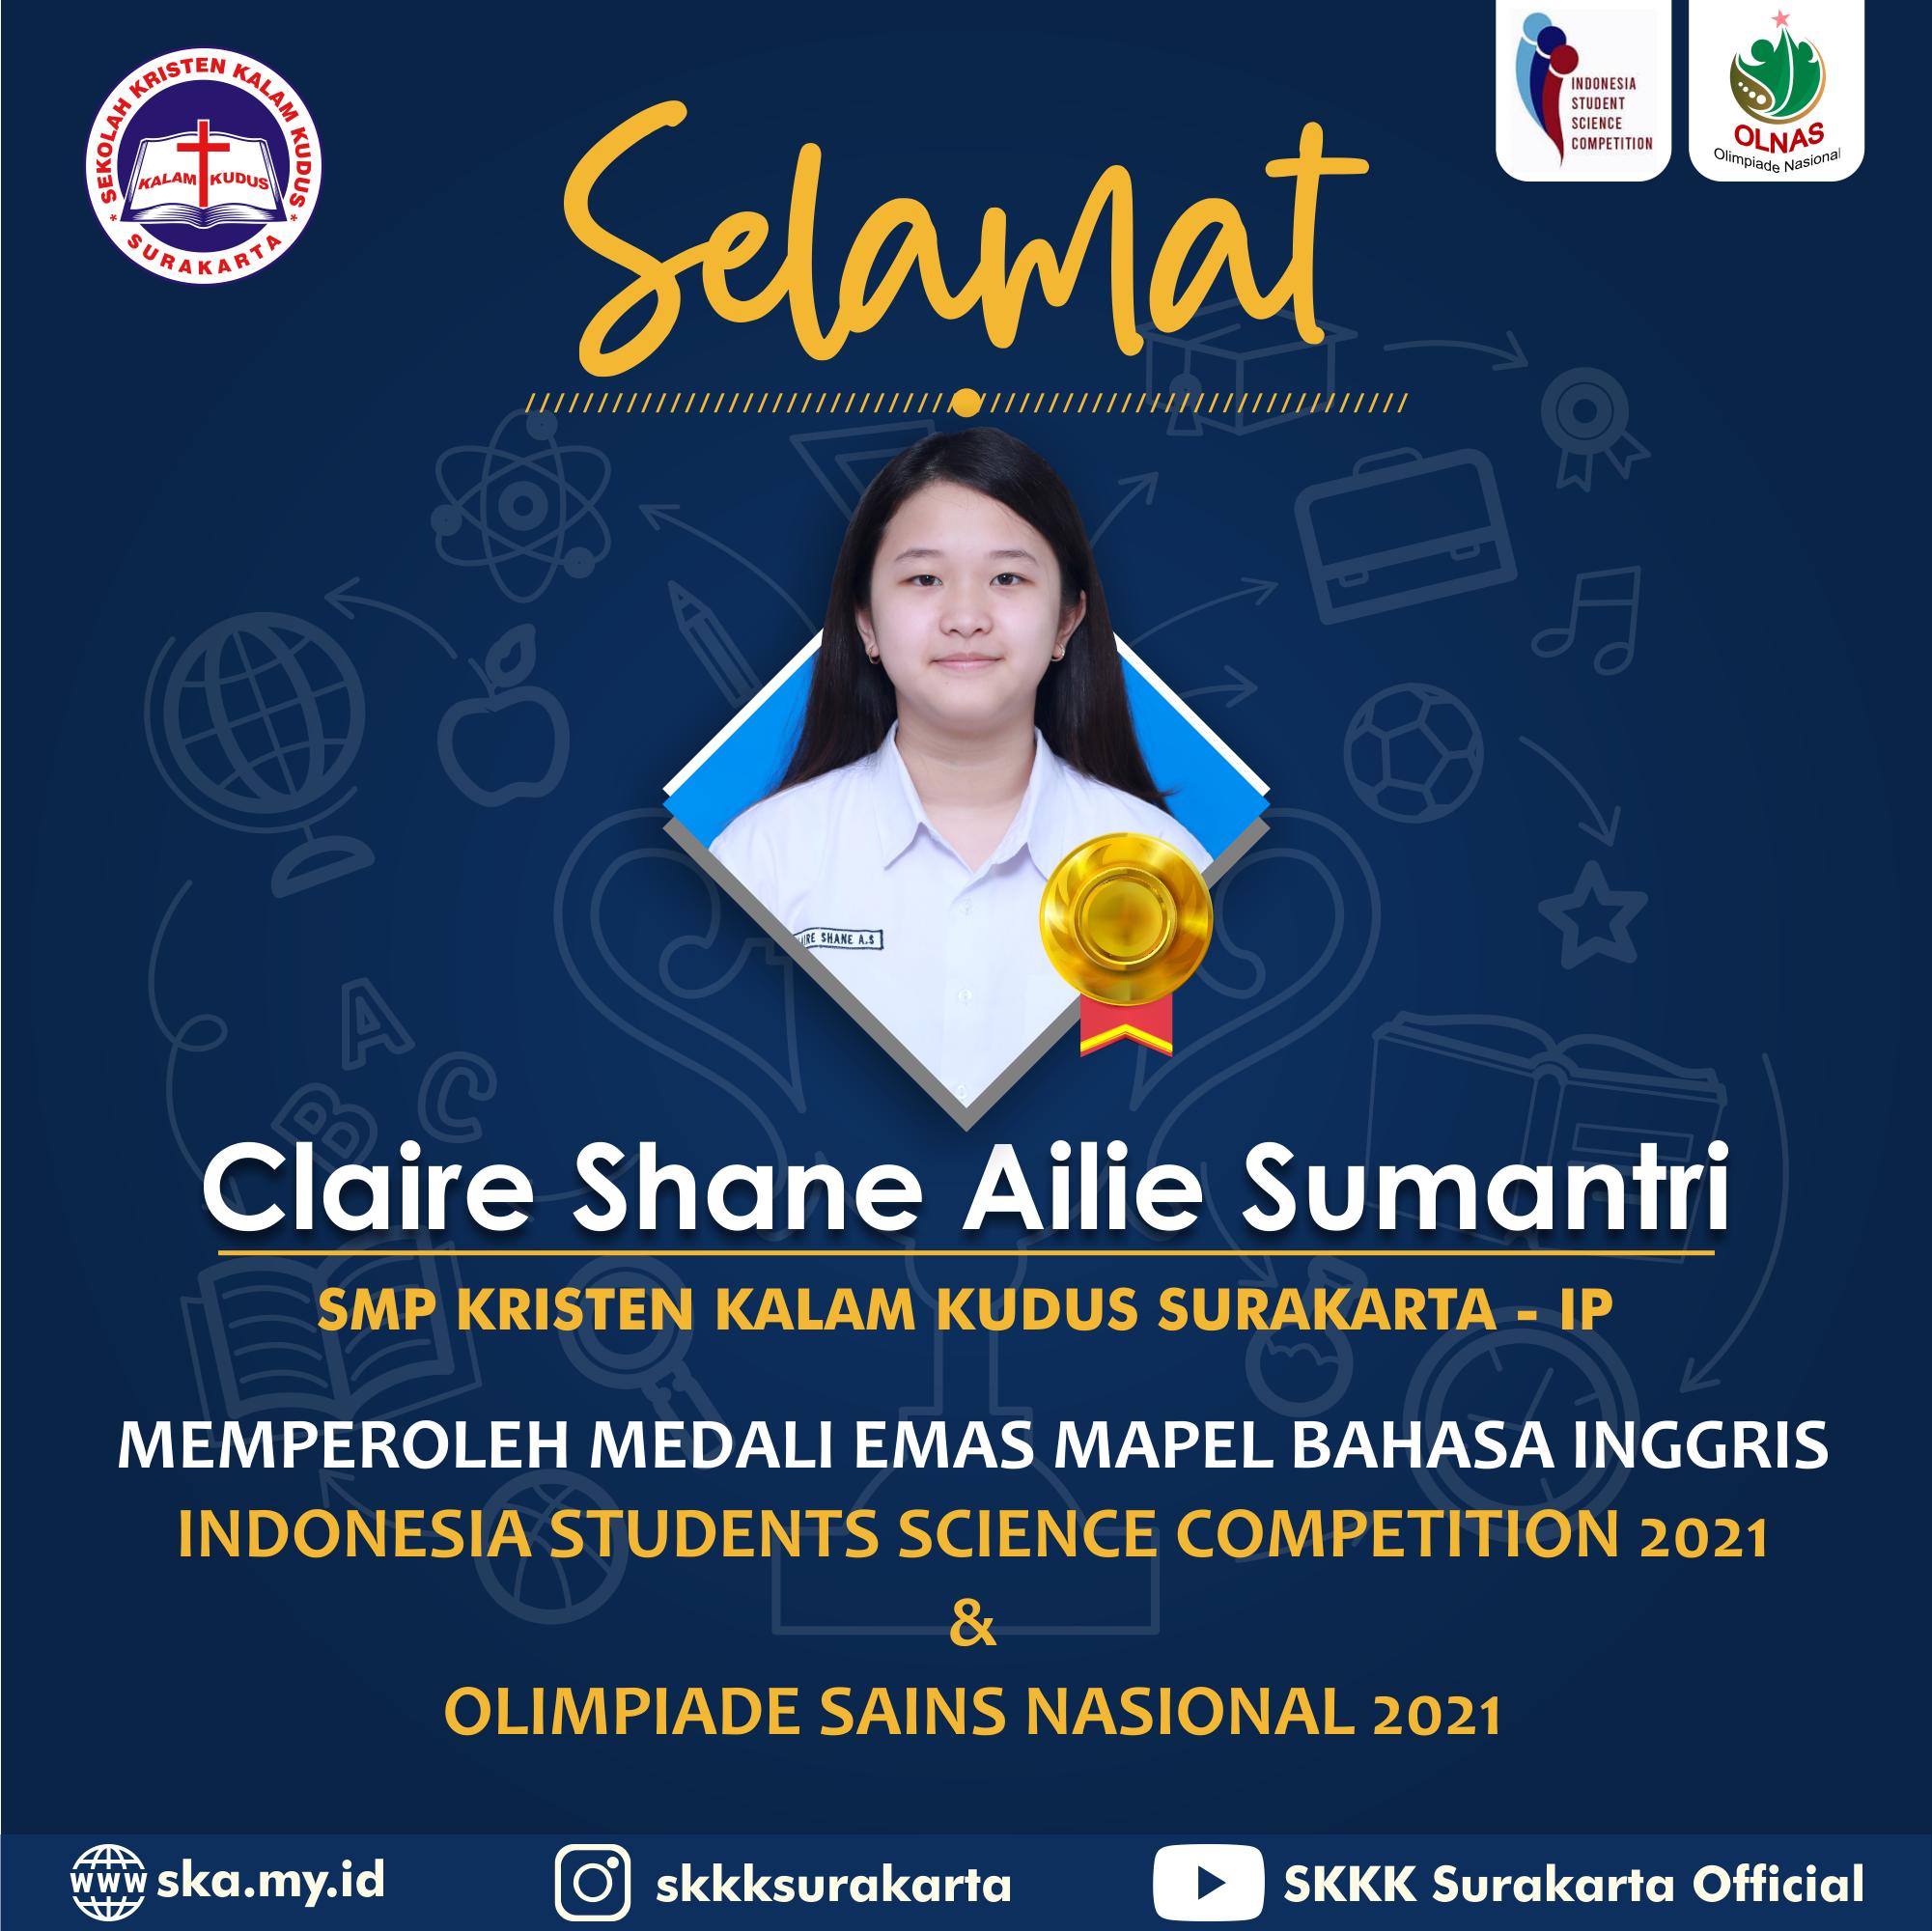 Claire Shane Ailie Sumantri Raih Medali Emas di Dua Ajang Kompetisi Sains Nasional